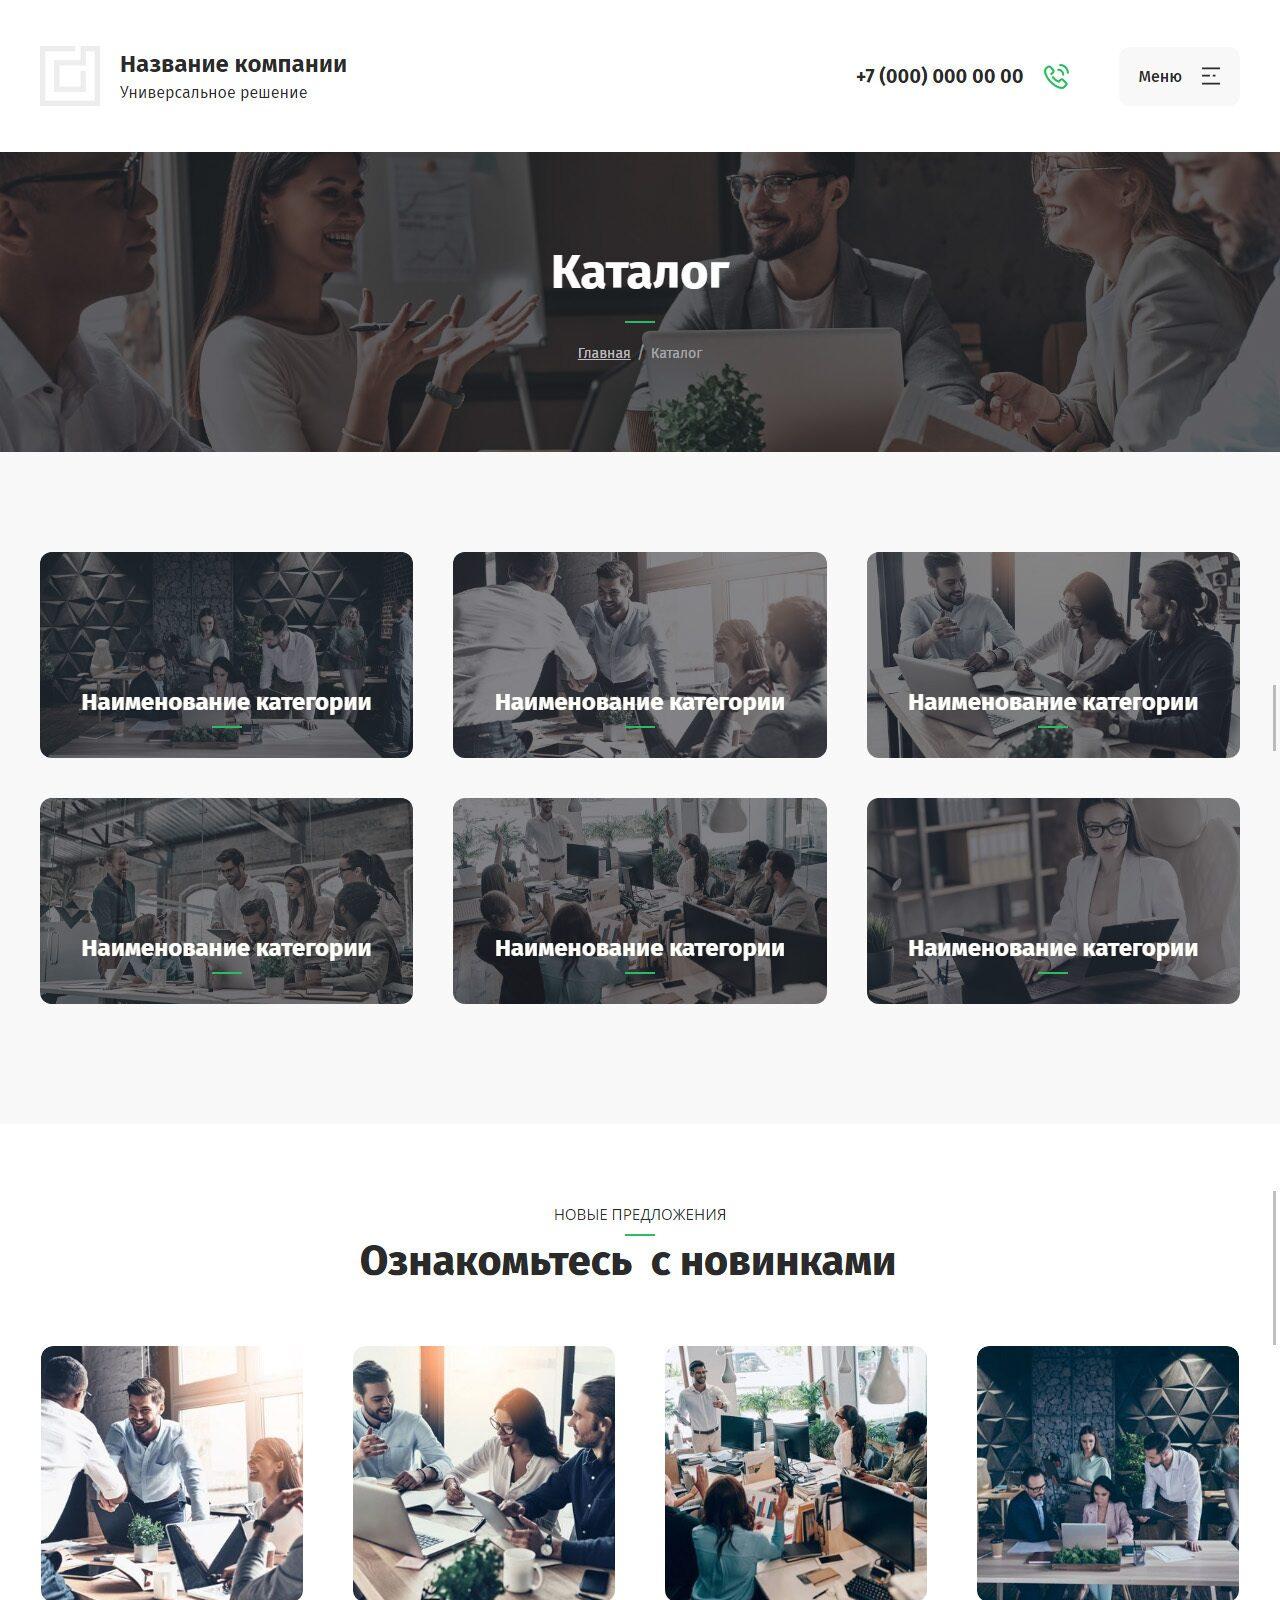 Готовый Сайт-Бизнес #2891093 - Универсальный дизайн (Каталог)